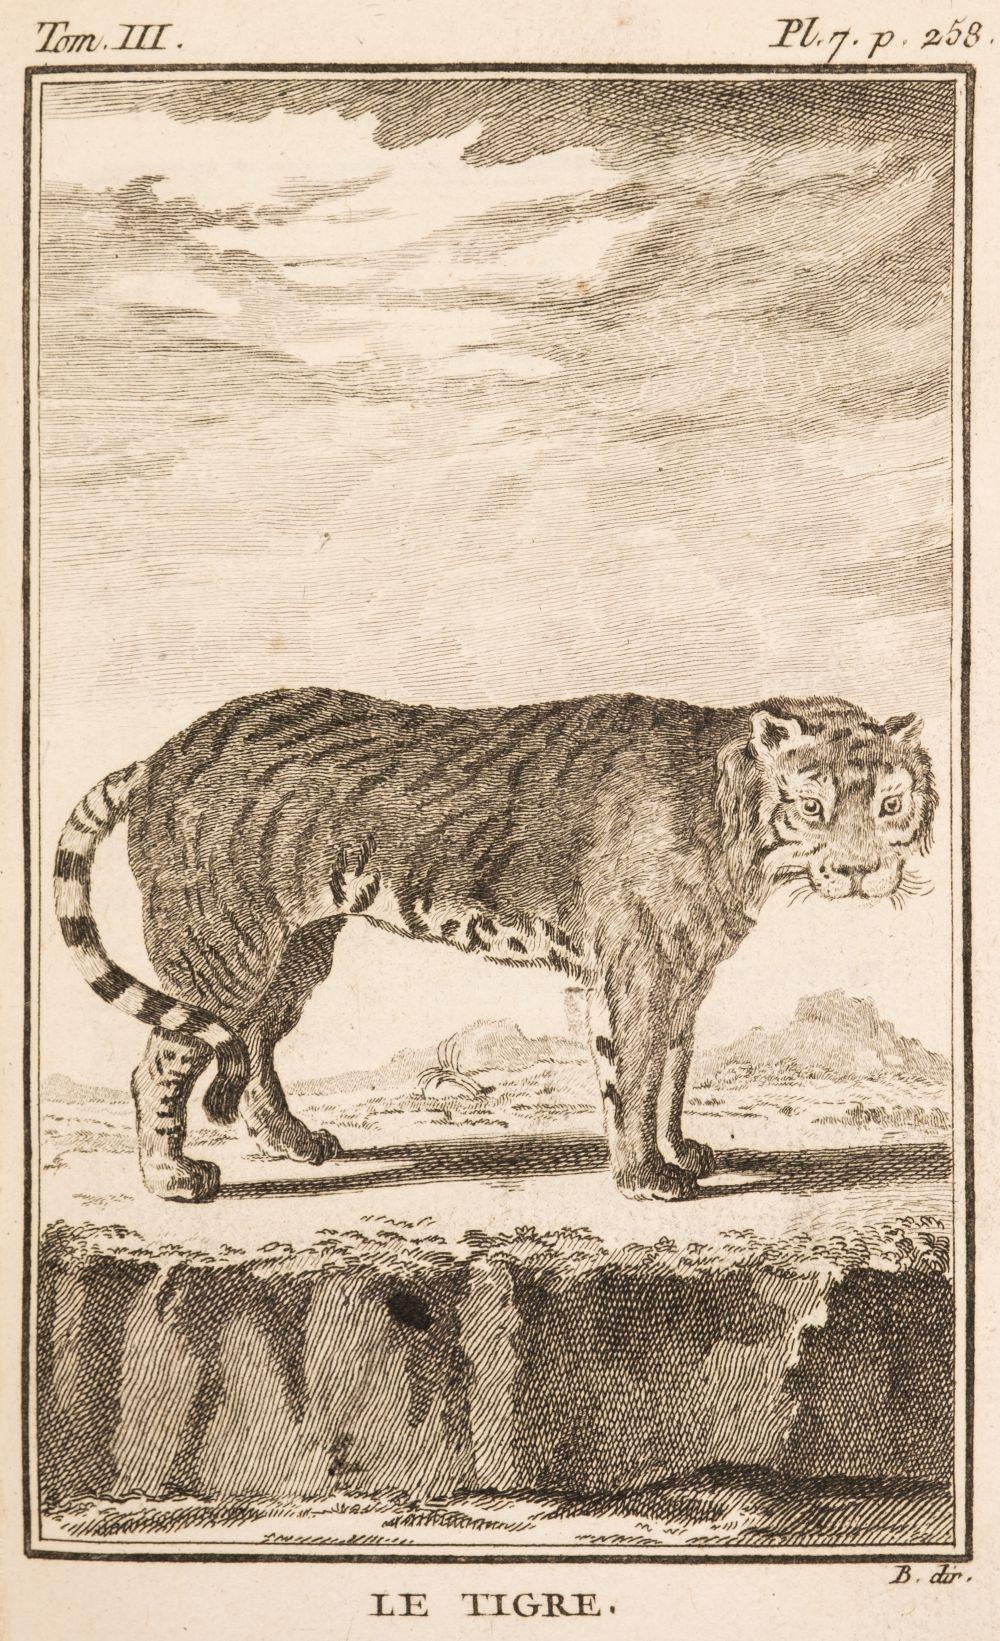 Buffon (Georges-Louis Leclerc, Comte de) Oeuvres Completes, 18 vols, 1774-77